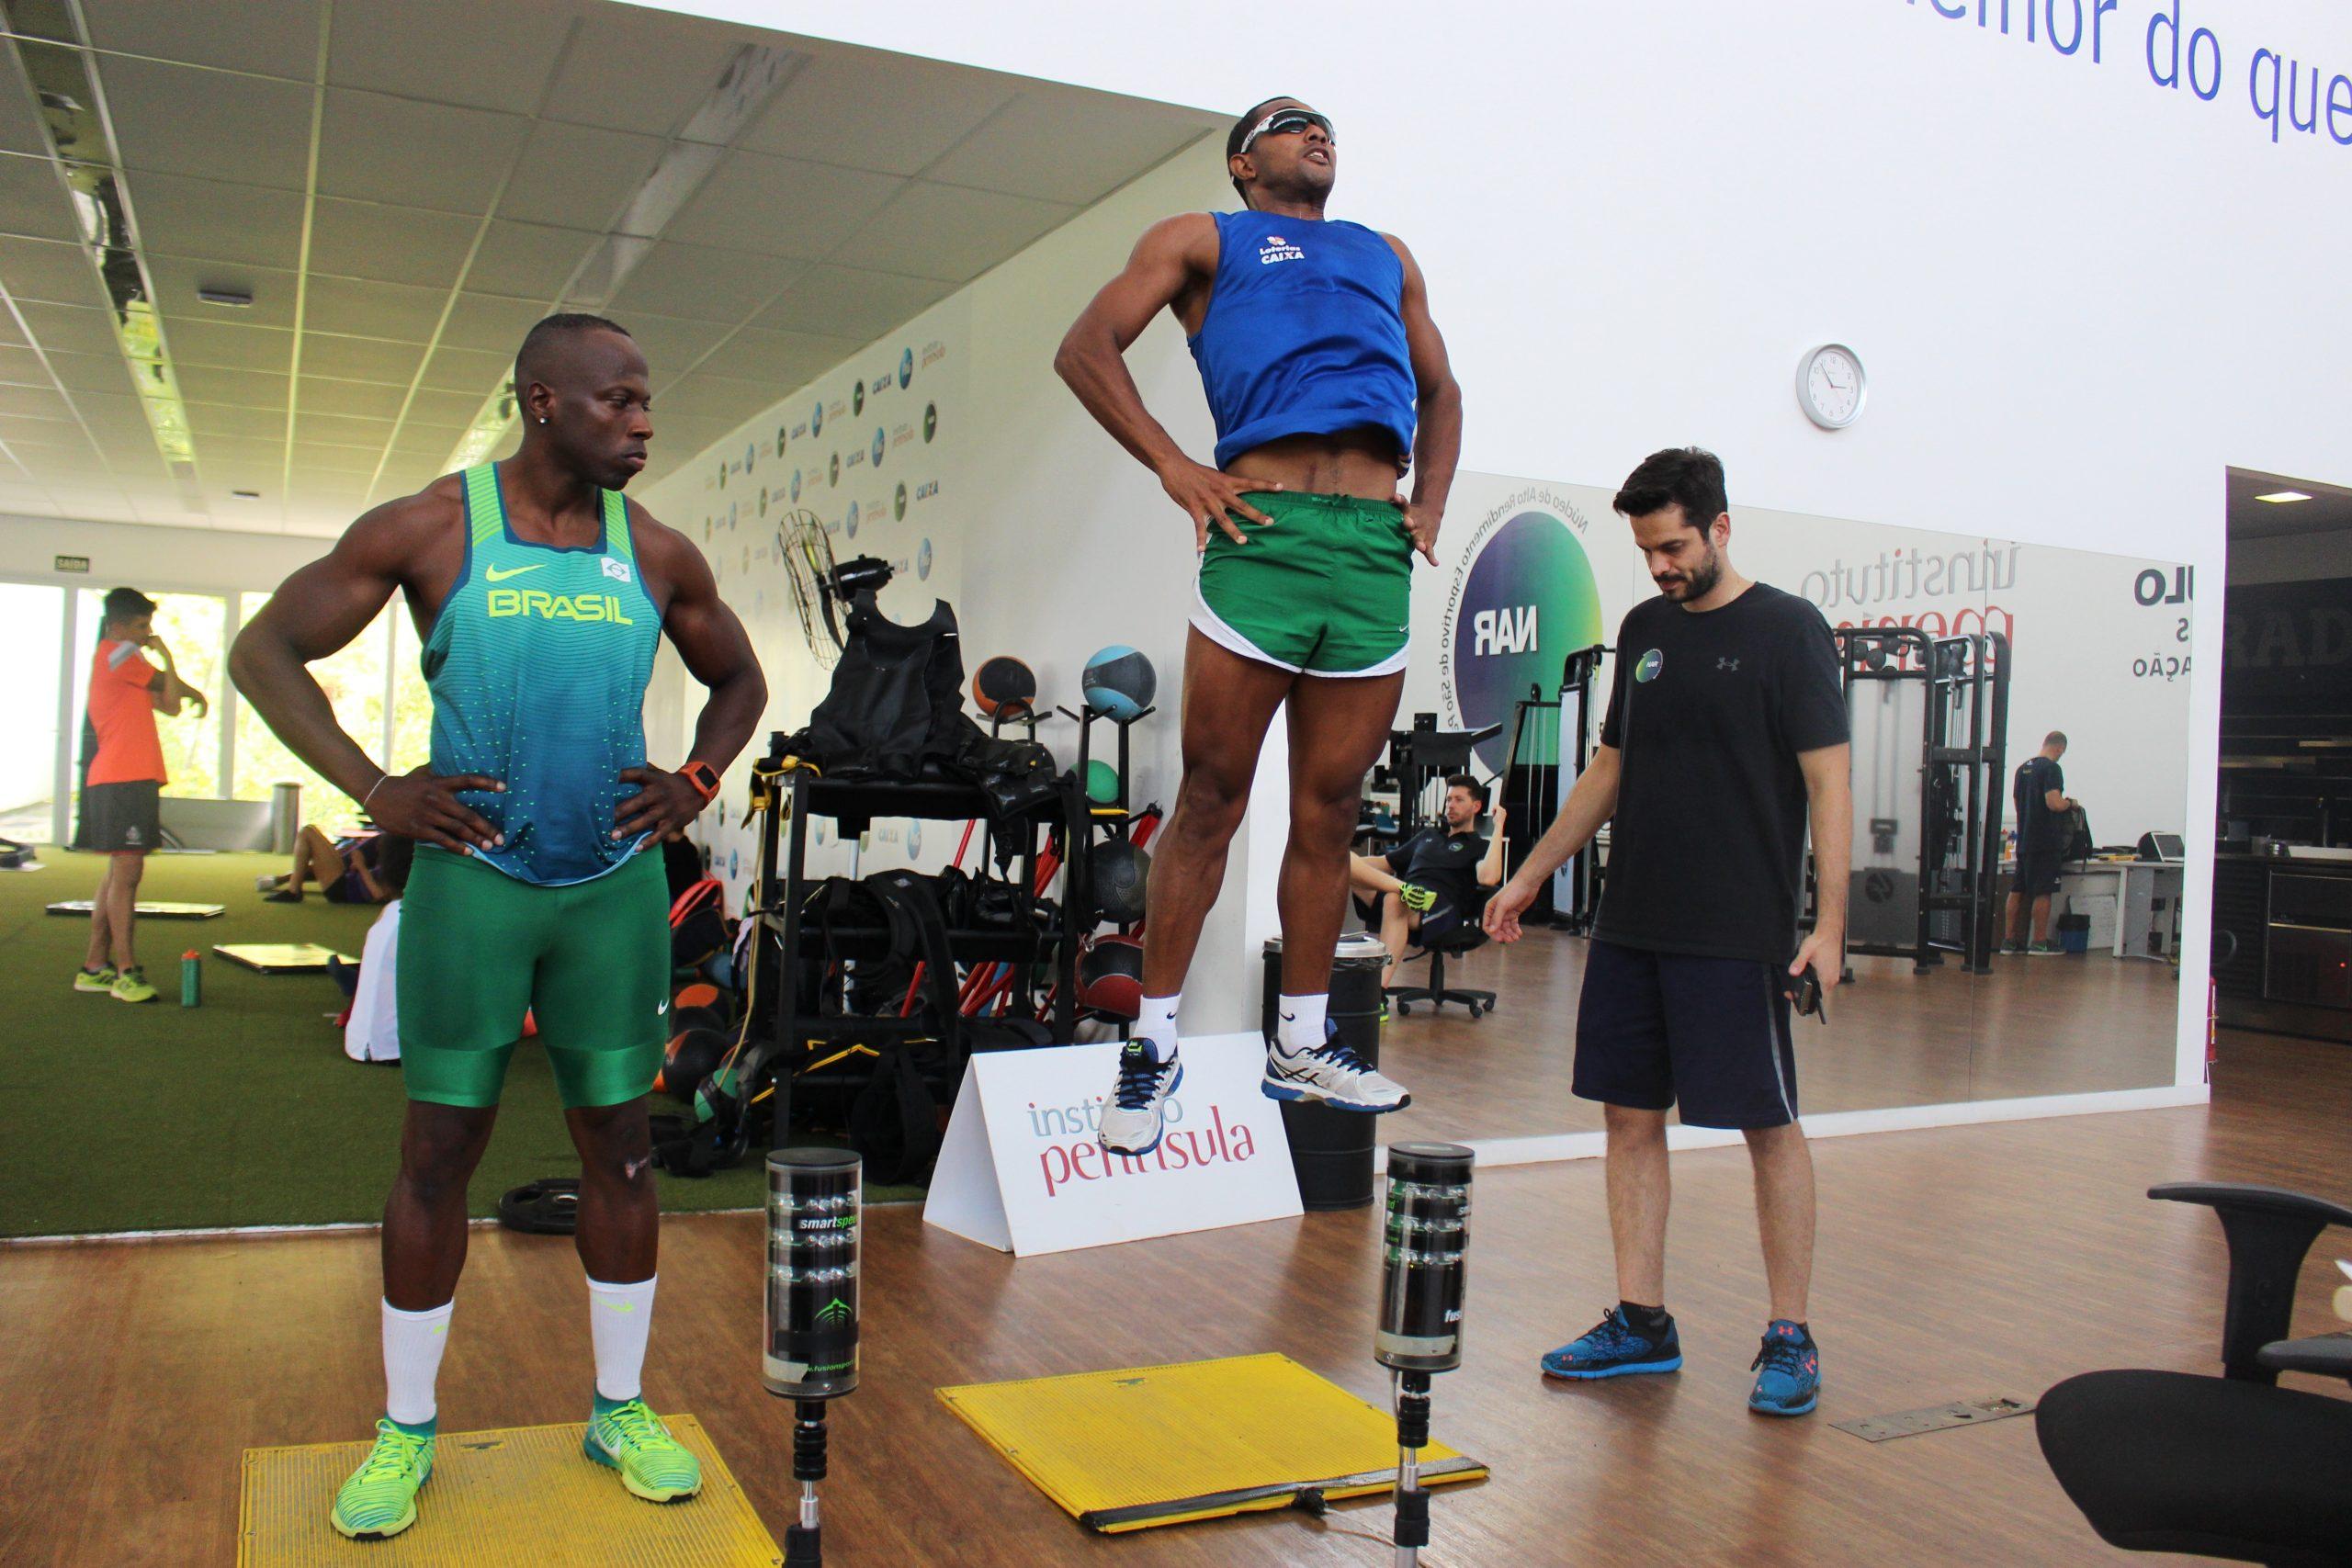 Lembranças do Rio-2016, olhos em Londres-2017: esta é a seleção paralímpica de atletismo